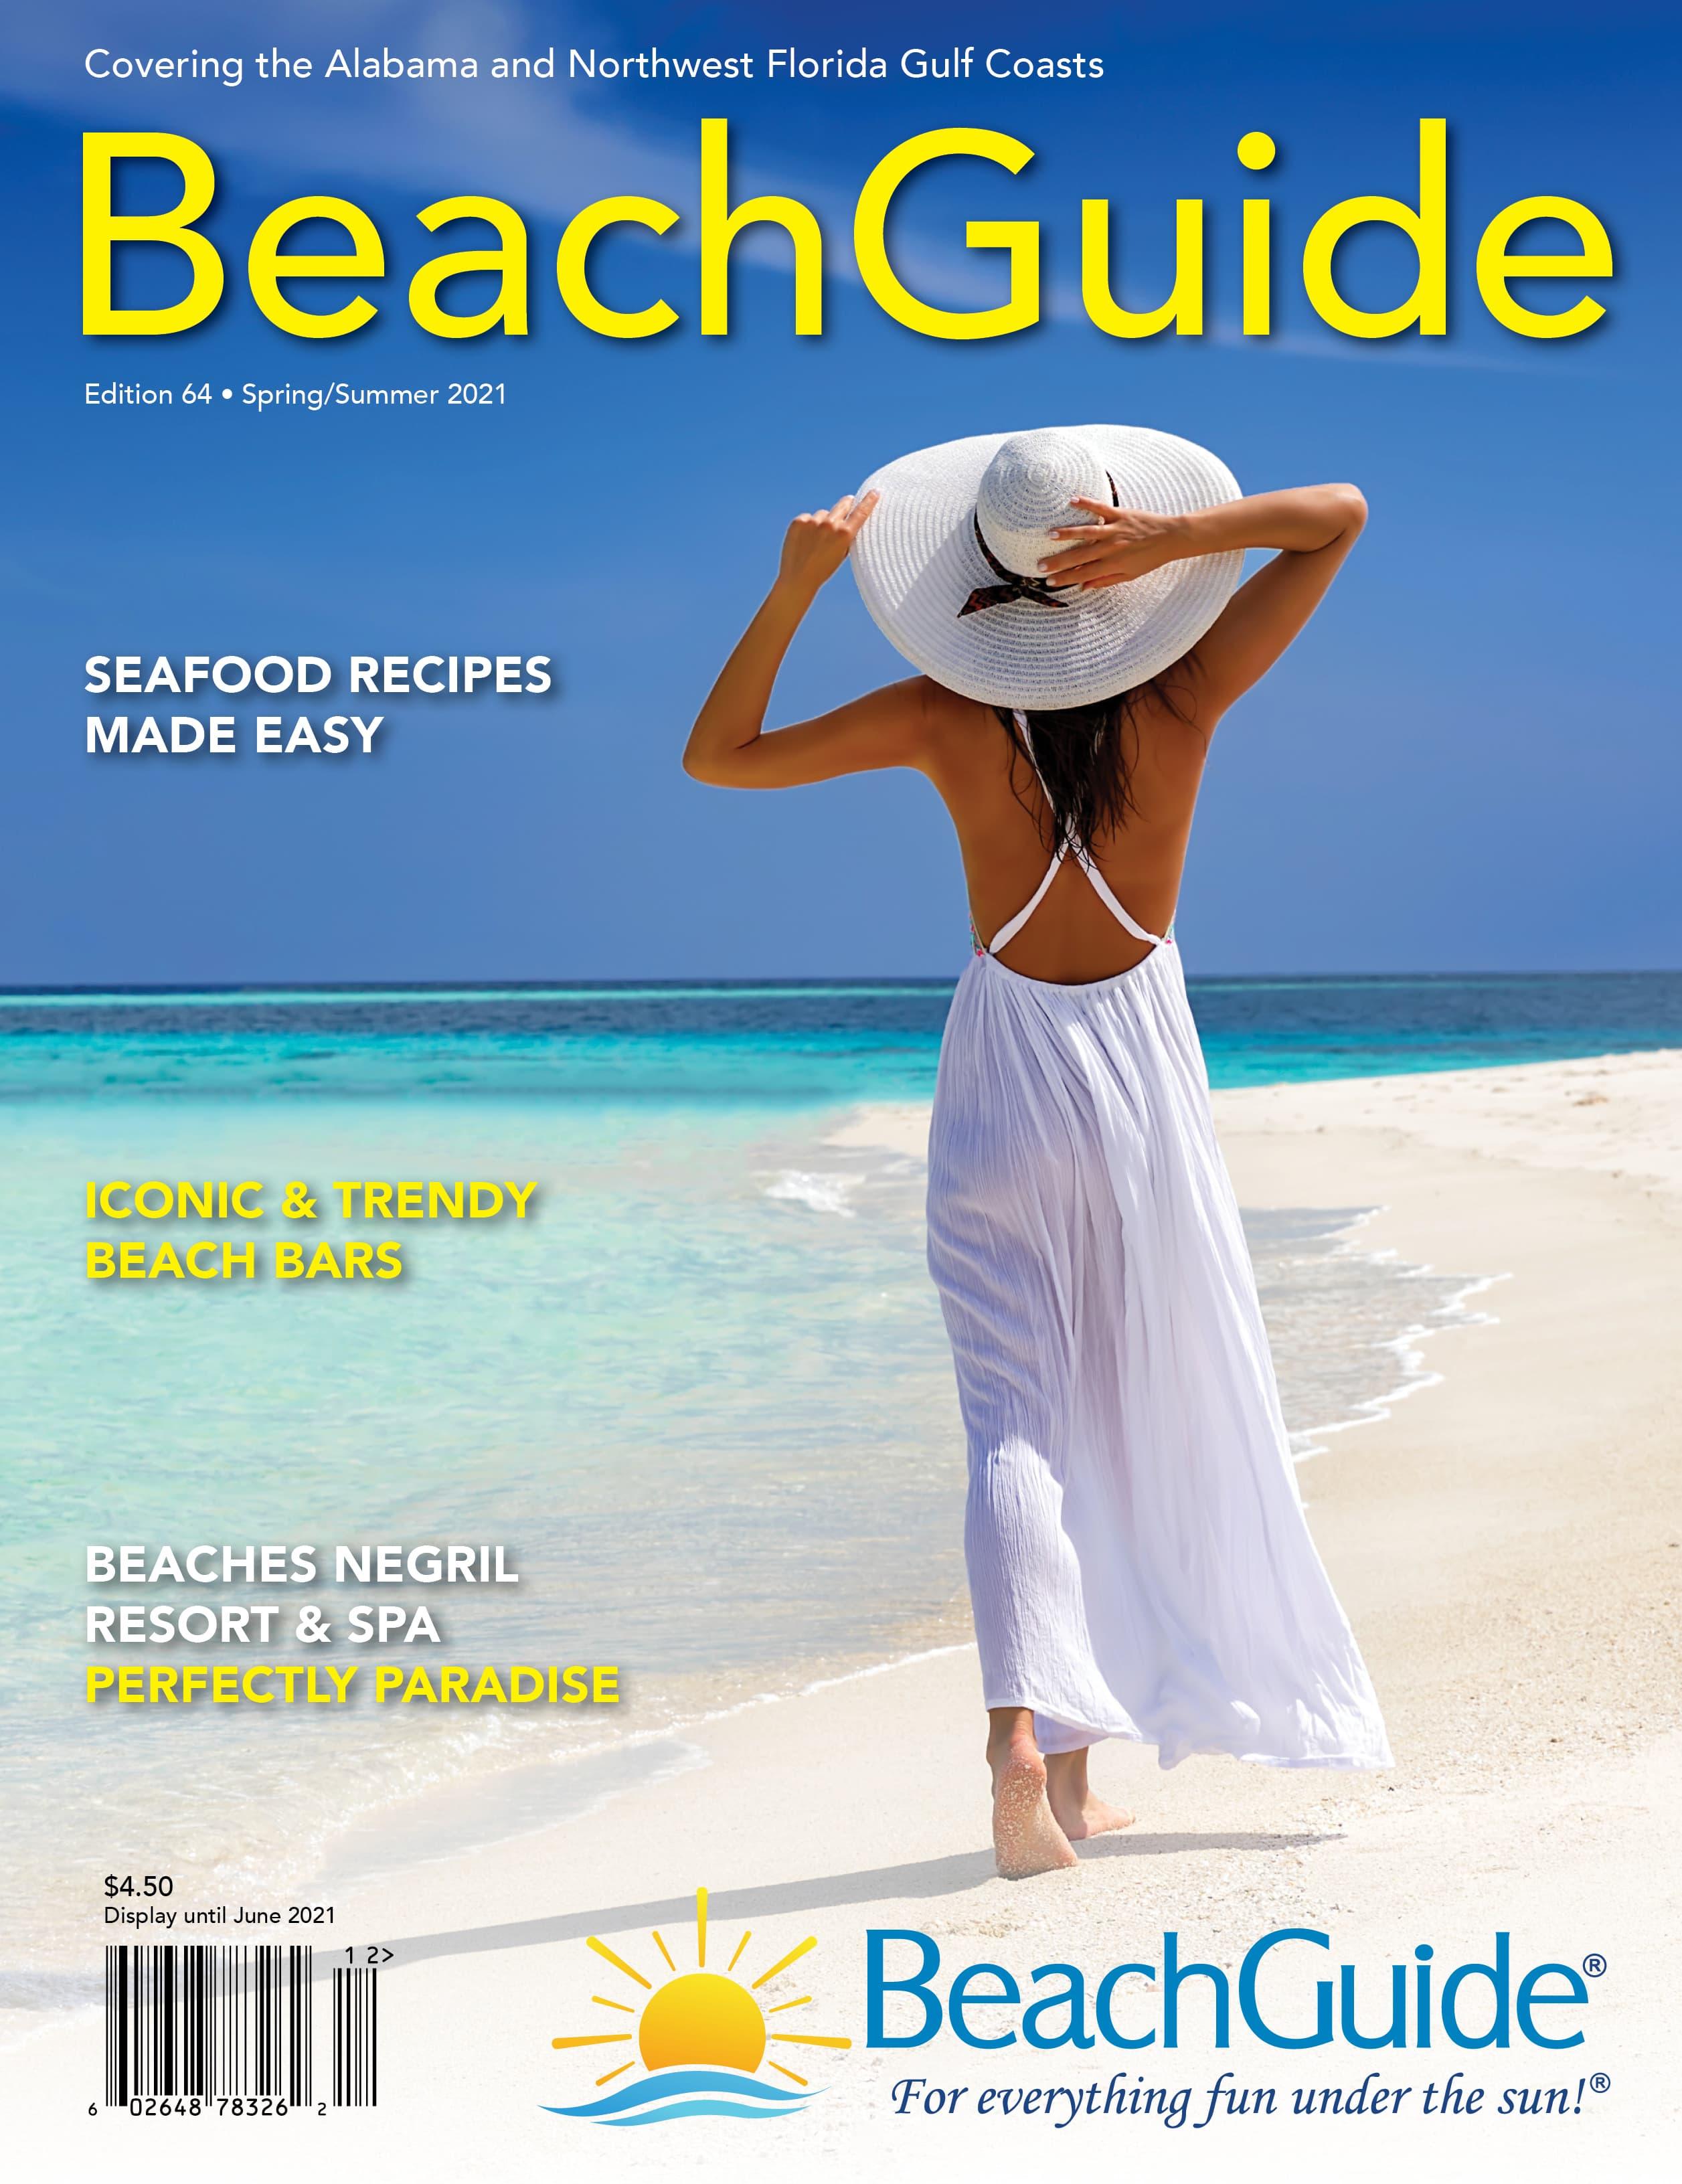 BeachGuide Publication